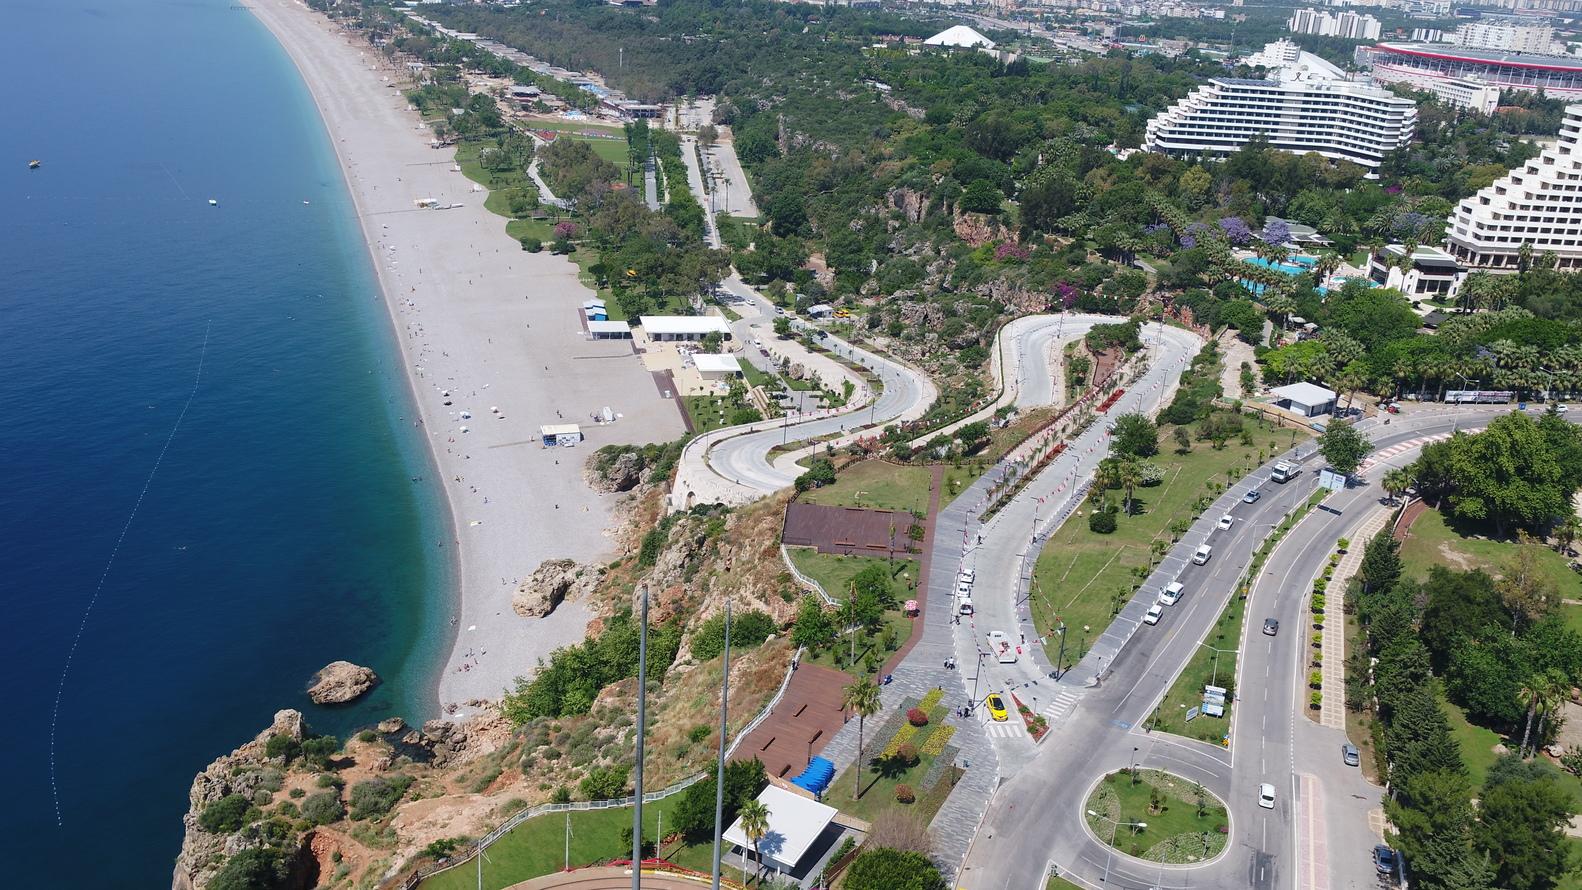 土耳其安塔利亚海岸线城市修复景观设计